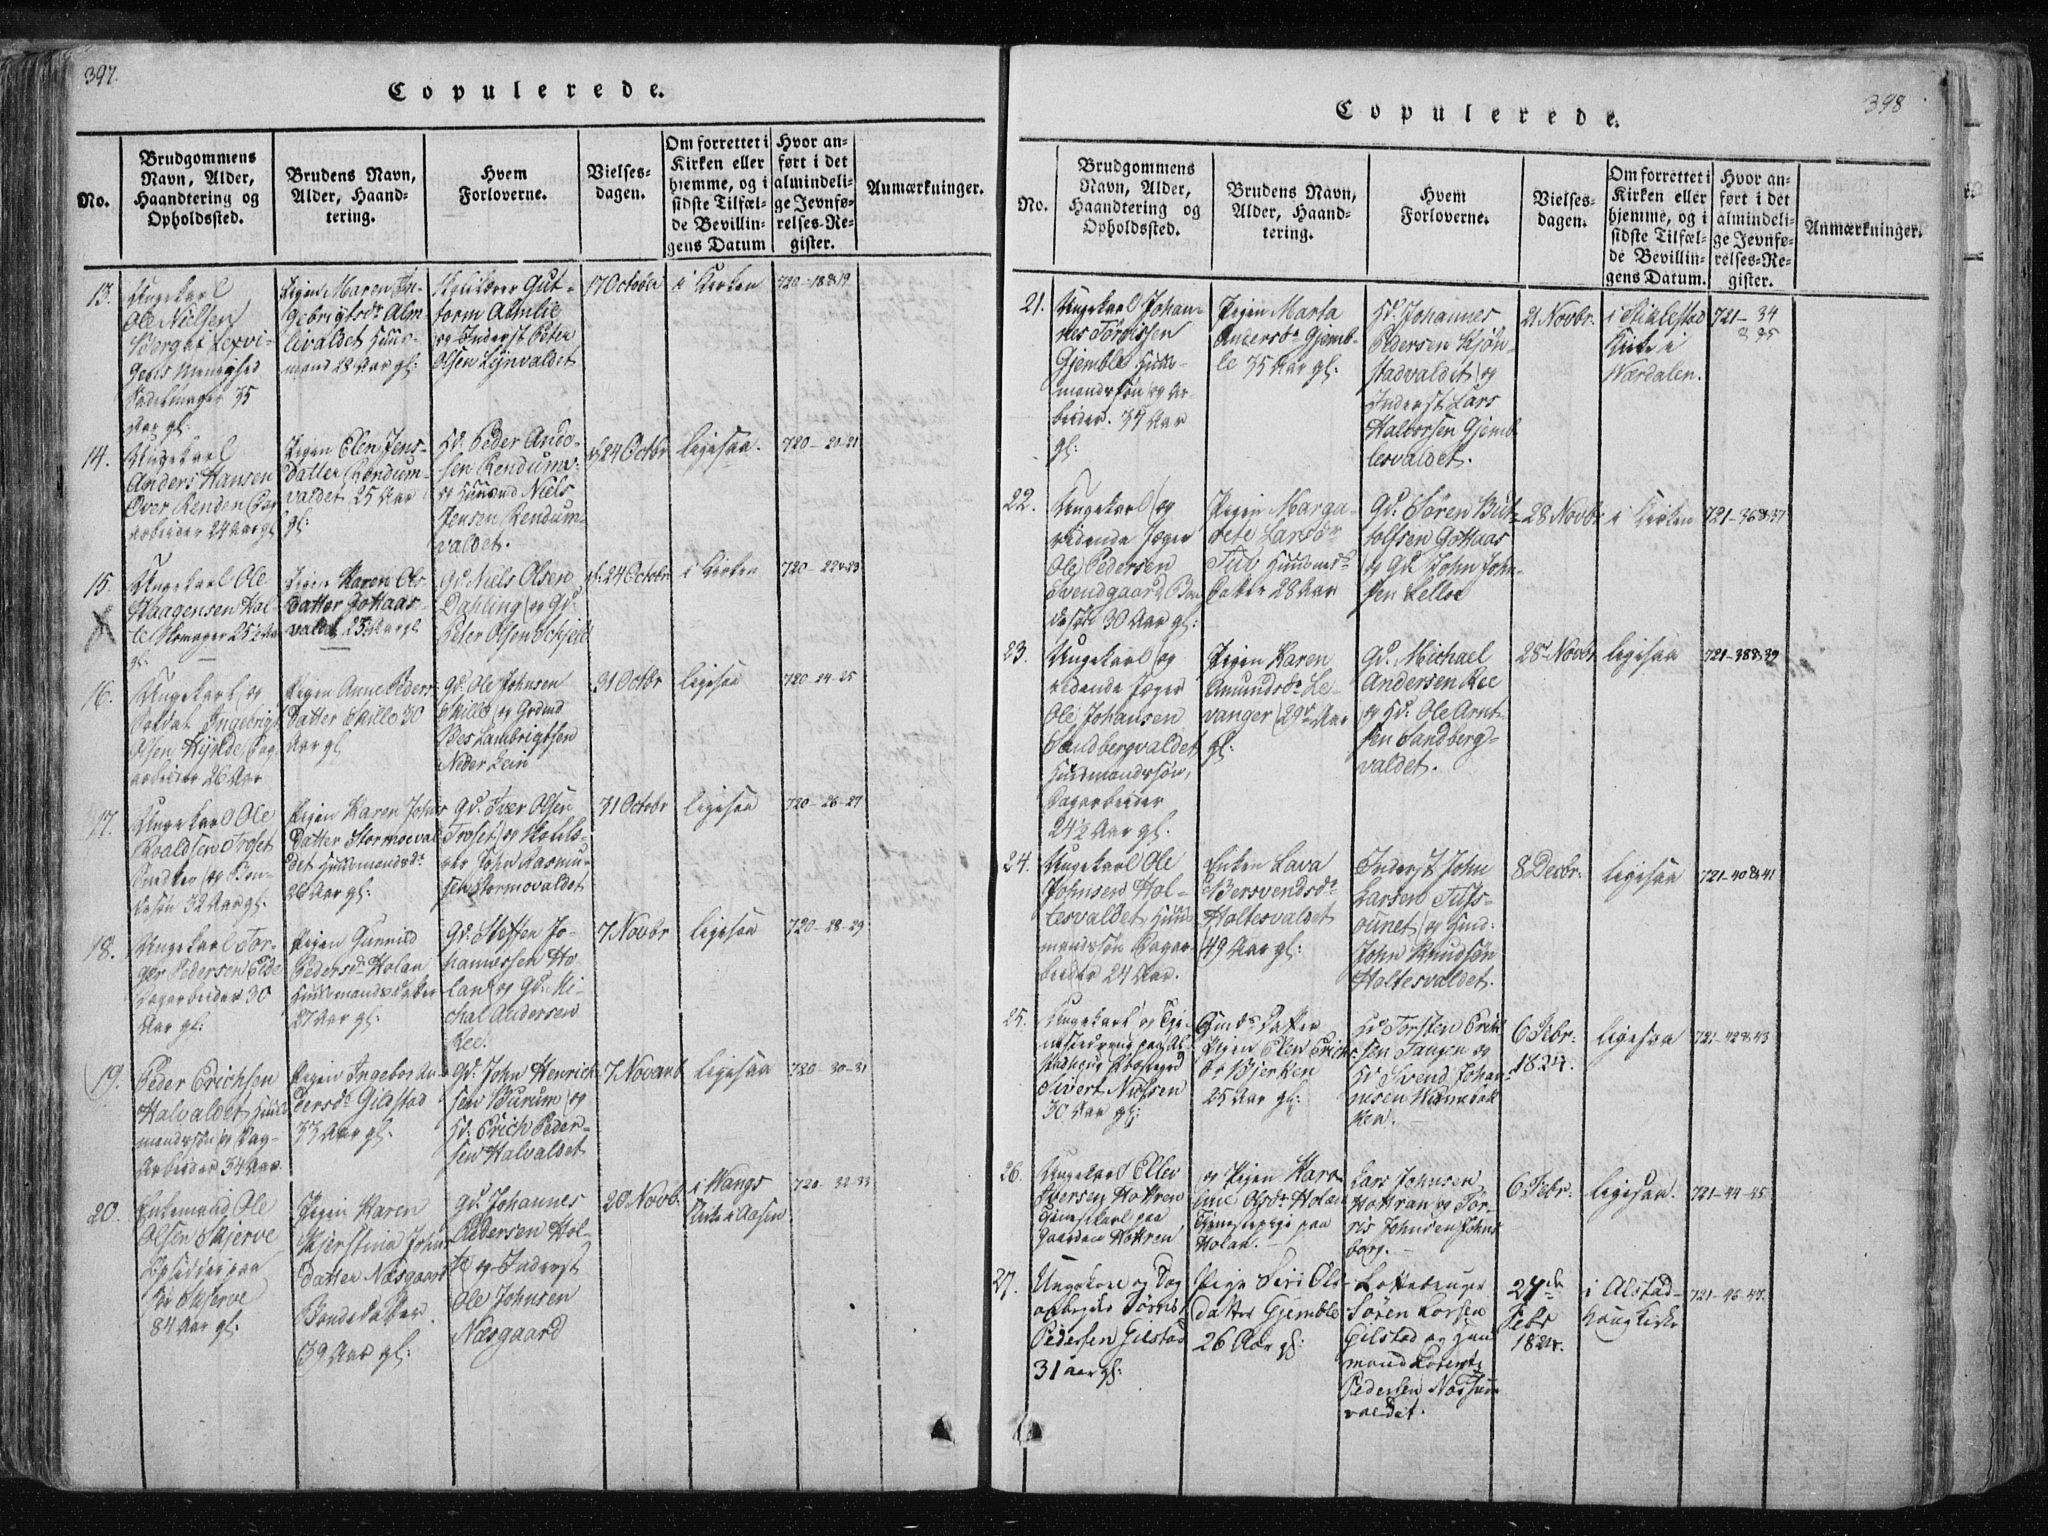 SAT, Ministerialprotokoller, klokkerbøker og fødselsregistre - Nord-Trøndelag, 717/L0148: Ministerialbok nr. 717A04 /1, 1816-1825, s. 397-398